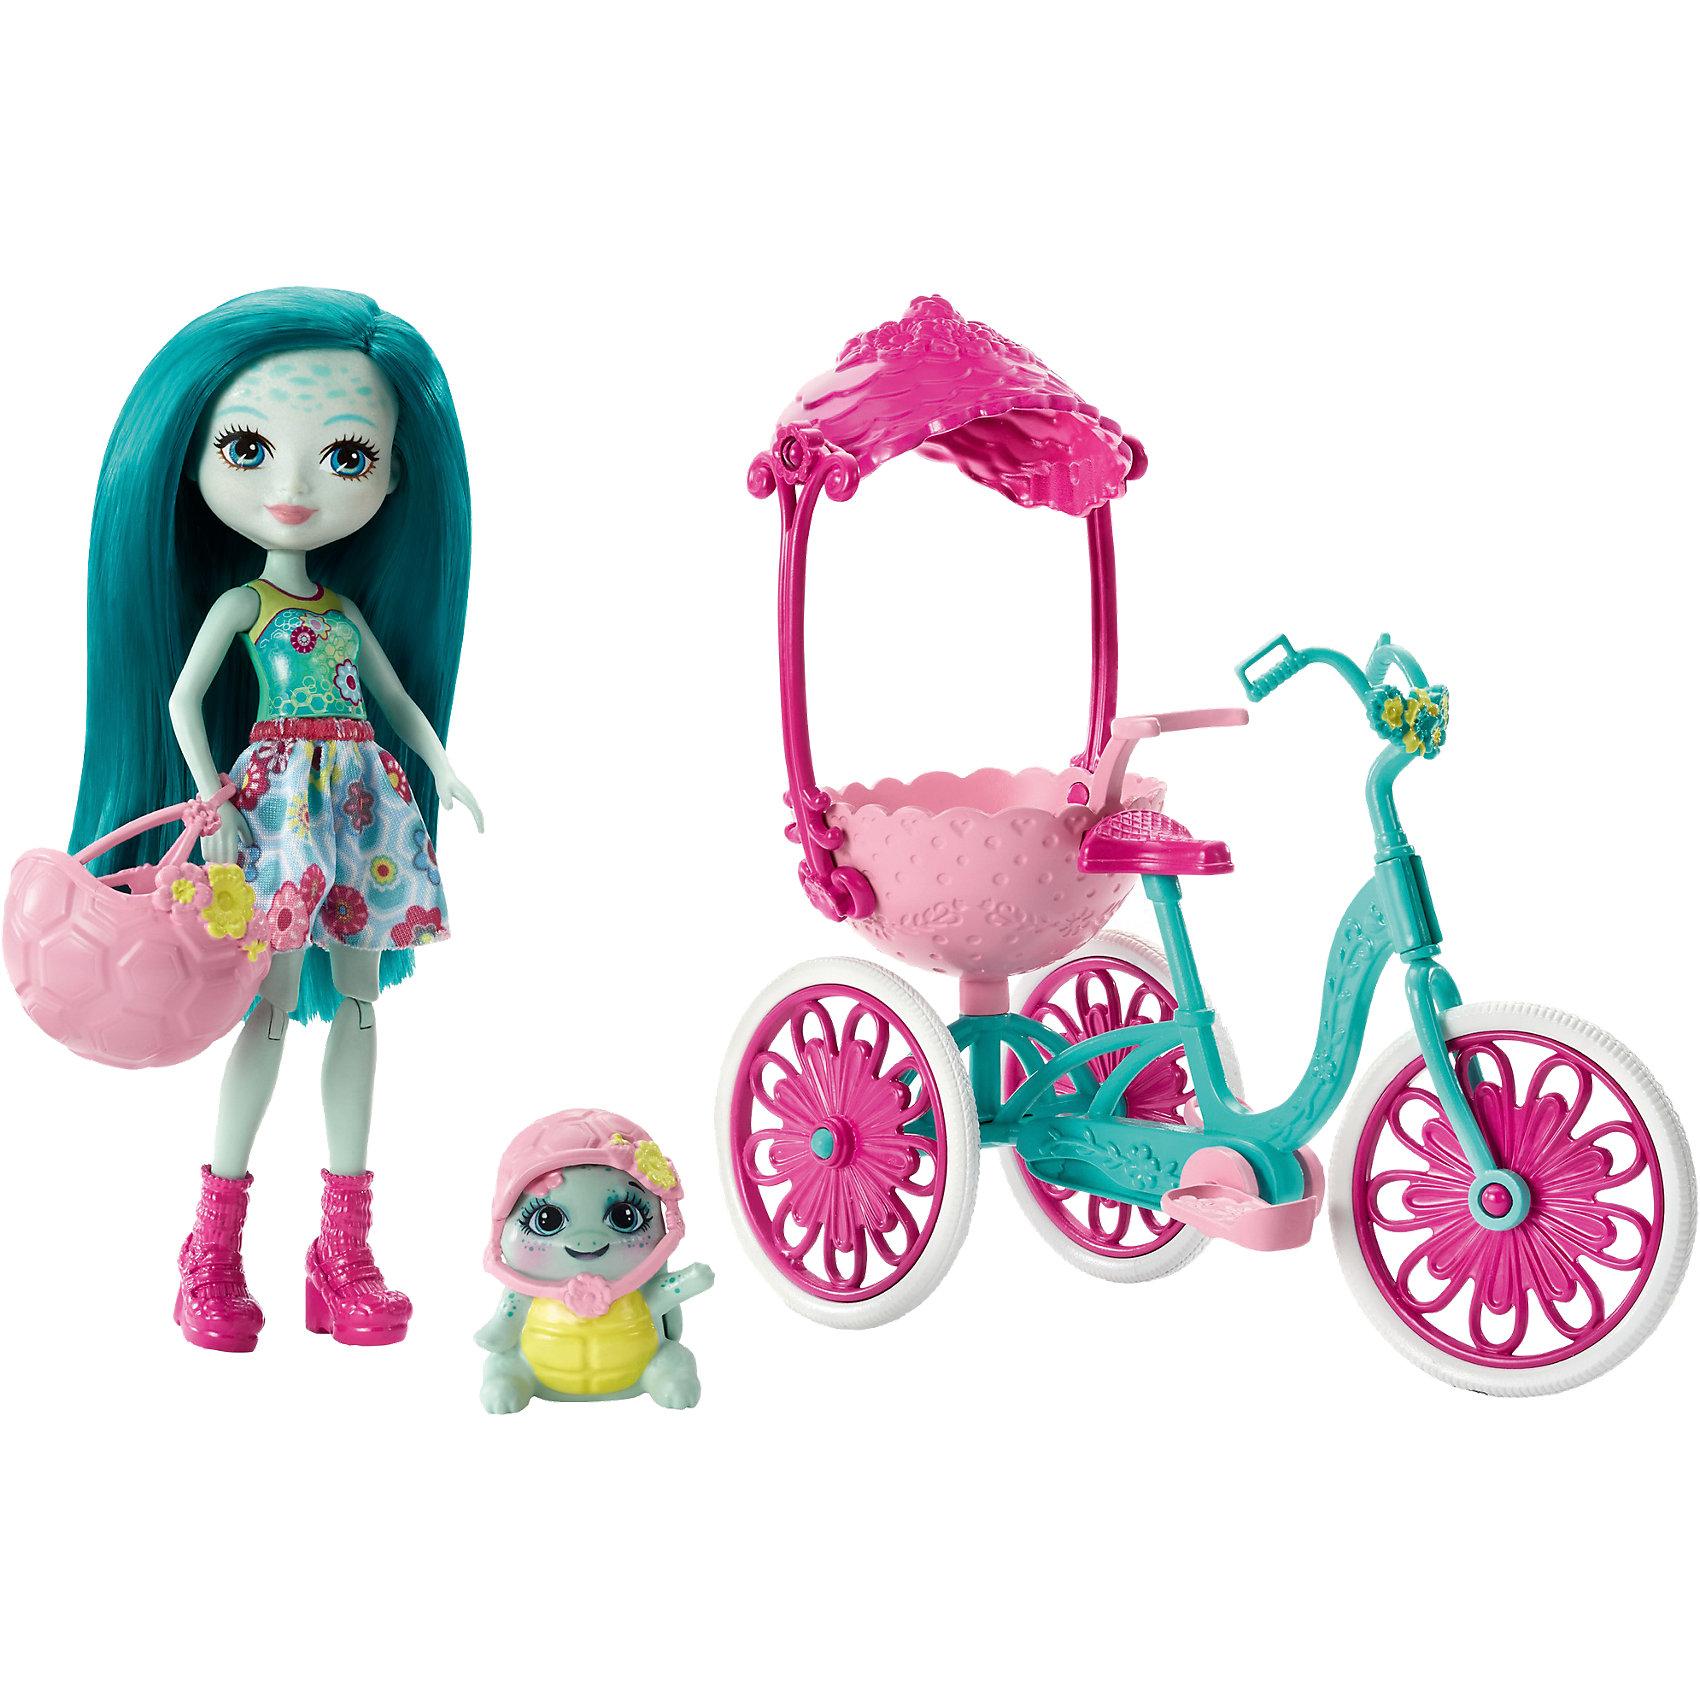 Кукла Enchantimals Тайли Черепаша на трехколесном велосипедеМини-куклы<br>Характеристики товара:<br><br>• возраст: от 3 лет;<br>• пол: девочка;<br>• материал: пластик, текстиль<br>• высота куклы: 15 см;<br>• в комплекте : кукла, питомец и аксессуары; <br>• подвижные руки, ноги и голова кукол;<br>• ноги сгибаются в коленях;<br>• мягкие волосы, которые можно расчесывать;                                         <br>• страна-производитель: Индонезия;                                    <br>• размер упаковки: 5,5х10х32,5 см.<br><br>Новинка от Mattel!!!<br>Перед вами замечательный набор, с которым можно будет придумать массу увлекательных историй и долго весело играть.<br><br>Корзина с навесом сзади позволяет питомцу Bounder ездить вместе со своей хозяйкой. Посадите куклу Тайли на сиденье, ножки поставьте на педали, а ручки положите на руль, затем толкните и колёса поедут.<br> <br>Кукла Тайли одета в яркое платье с цветочным принтом и ??розовые модные сапожки. Розовый шлем с желтым цветком можно одеть на голову. Выглядит круто с ее длинными волосами. Такой же есть и у ее питомца. Её питомец Bounder то же прикольно смотрится со своим зеленым телом и жёлтой раковиной. <br><br>Игровой набор «Прогулка на велосипеде» от Mattel можно купить в нашем интернет-магазине.<br><br>Ширина мм: 281<br>Глубина мм: 220<br>Высота мм: 76<br>Вес г: 214<br>Возраст от месяцев: 72<br>Возраст до месяцев: 120<br>Пол: Женский<br>Возраст: Детский<br>SKU: 6739706